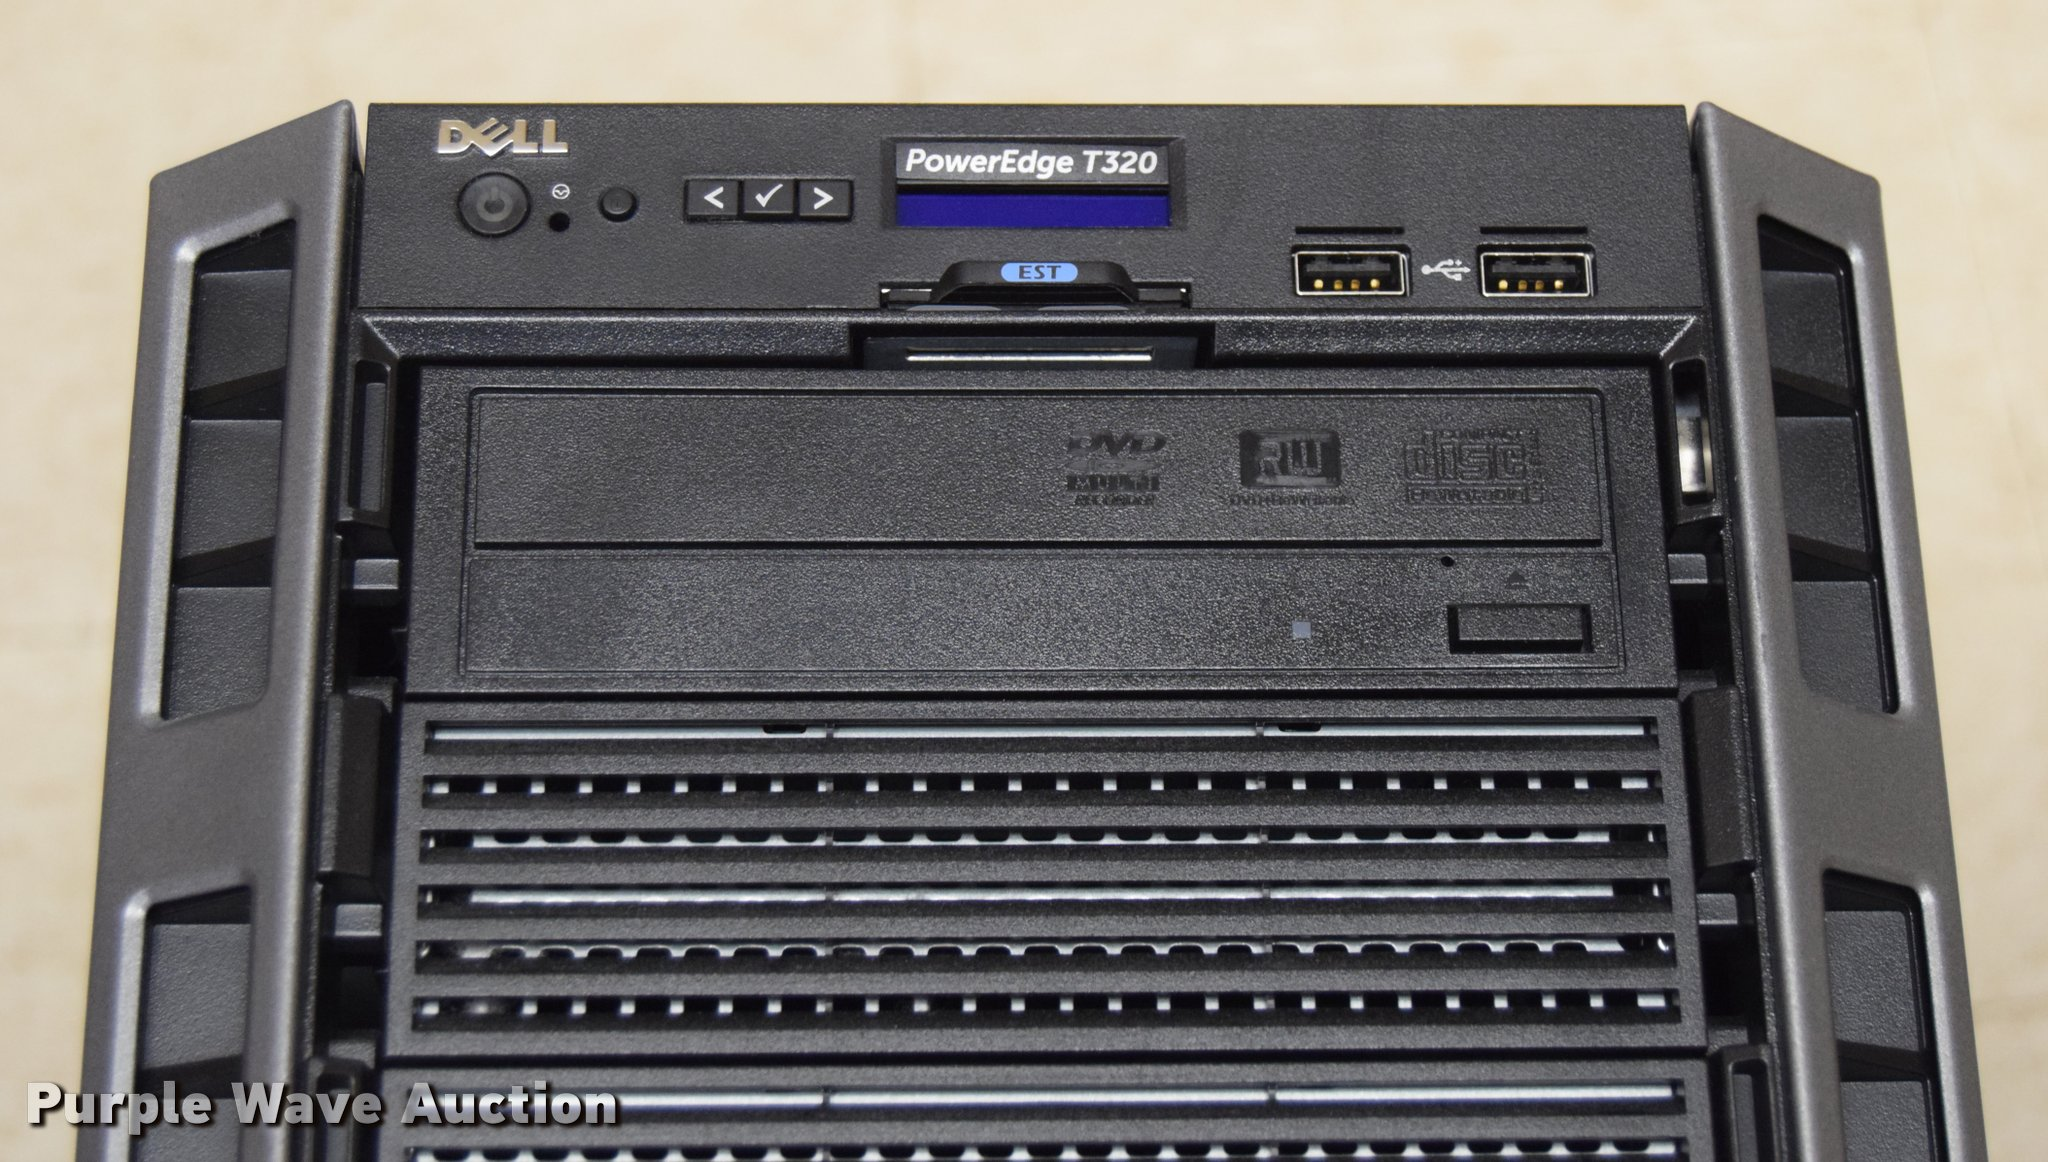 Dell PowerEdge T320 server | Item CD9457 | SOLD! November 1